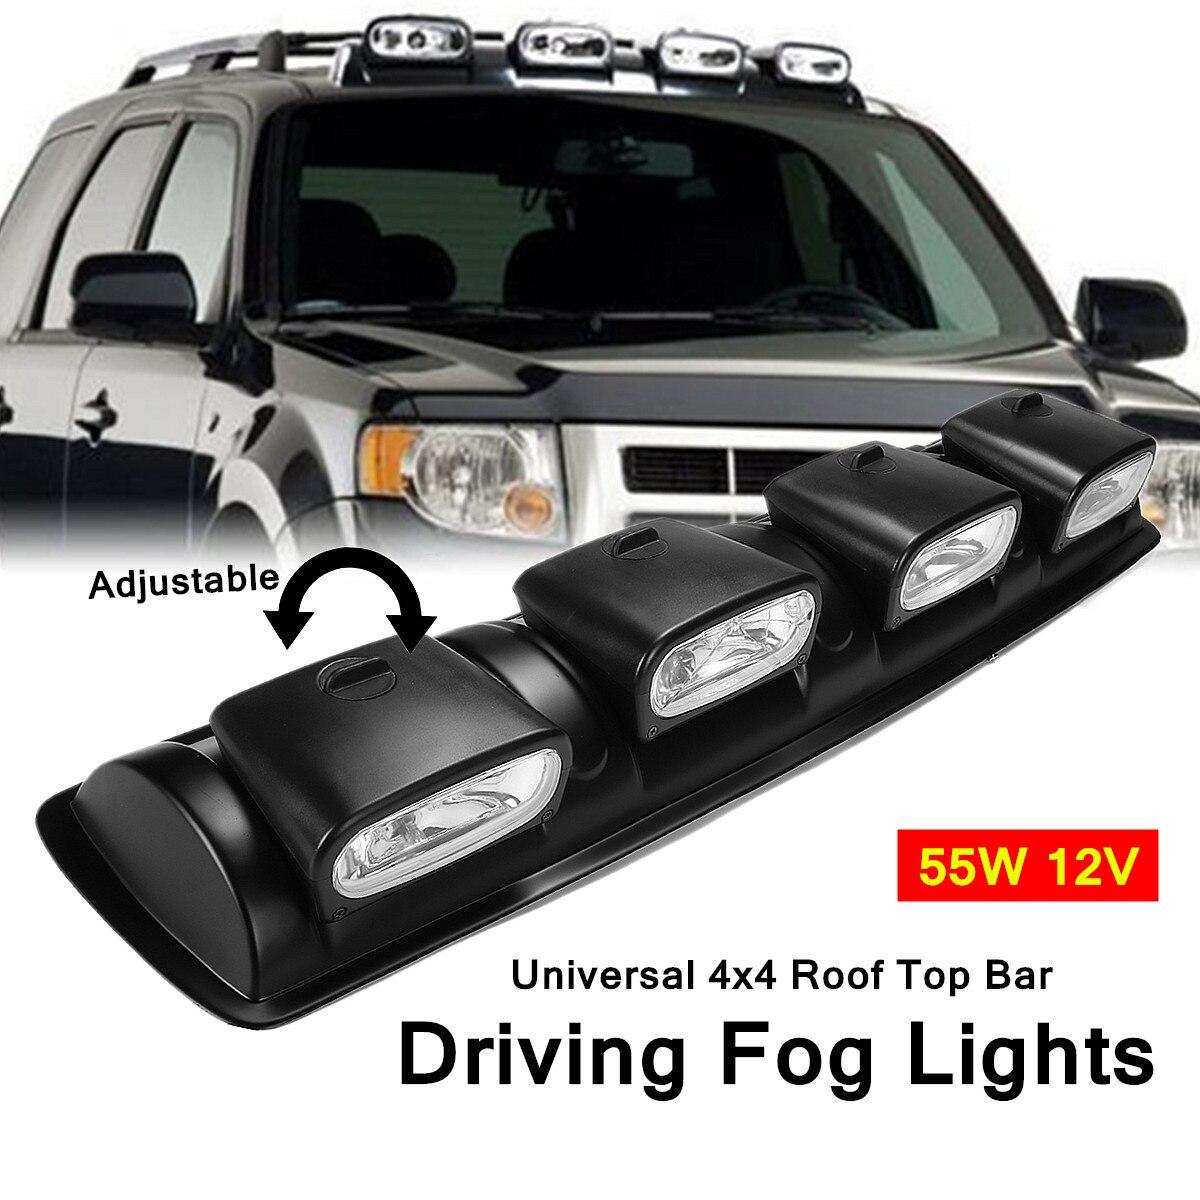 Universel 4x4 barre de toit conduite antibrouillard 4 lentilles Offroad Spot phares 55W 12V ABS plastique support + H3 ampoule convient aux véhicules